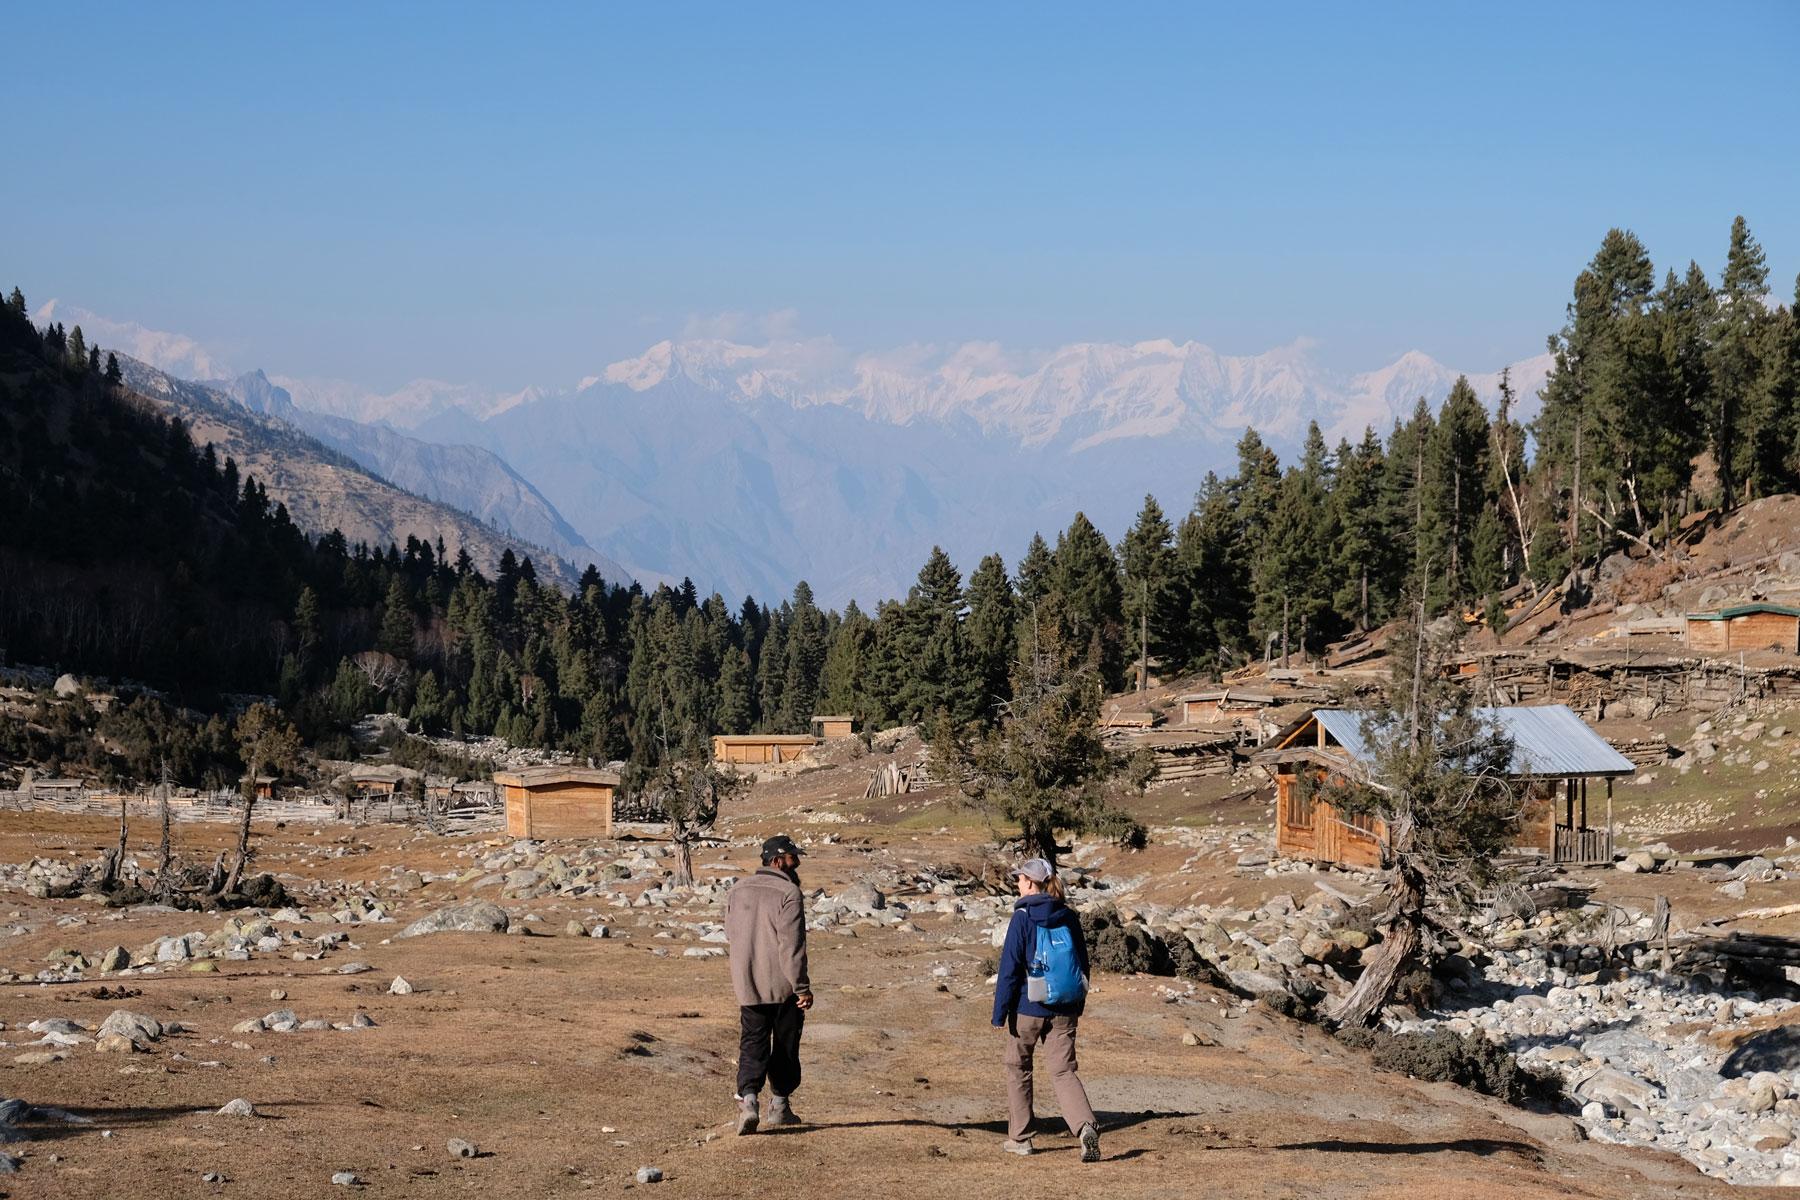 Leo geht neben einem pakistansichen Mann im Gebirge.